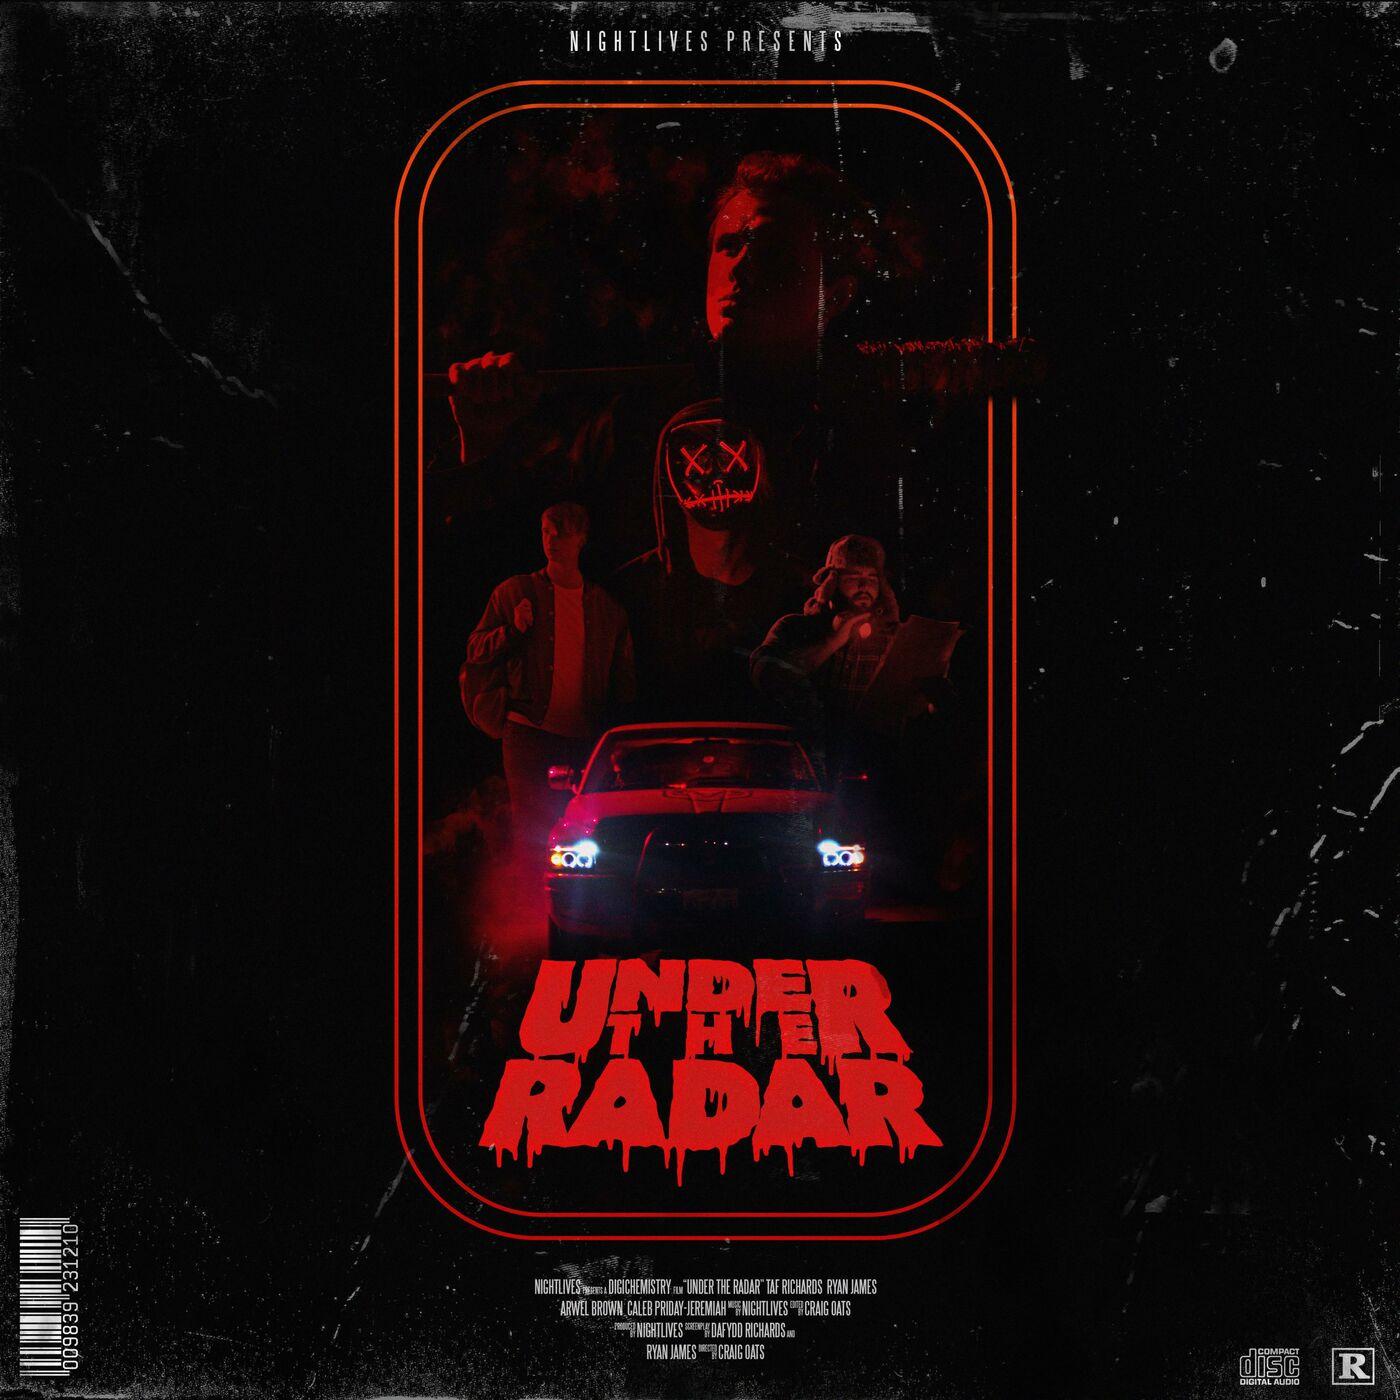 Nightlives - Under the Radar [single] (2019)